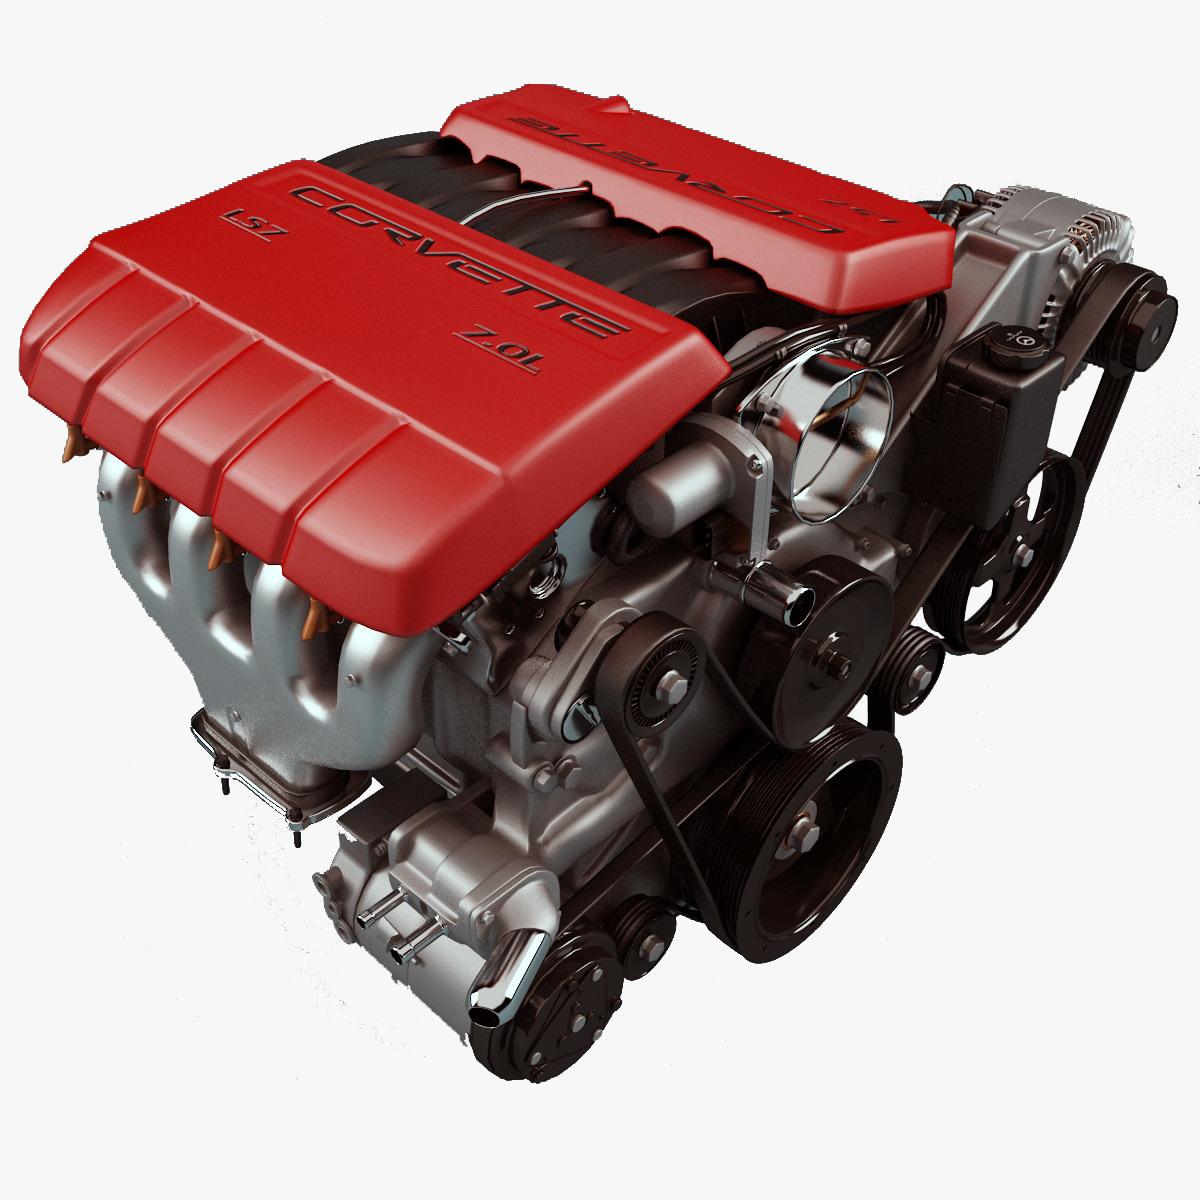 Chevrolet_Corvet_LS7_Engine_00.jpg